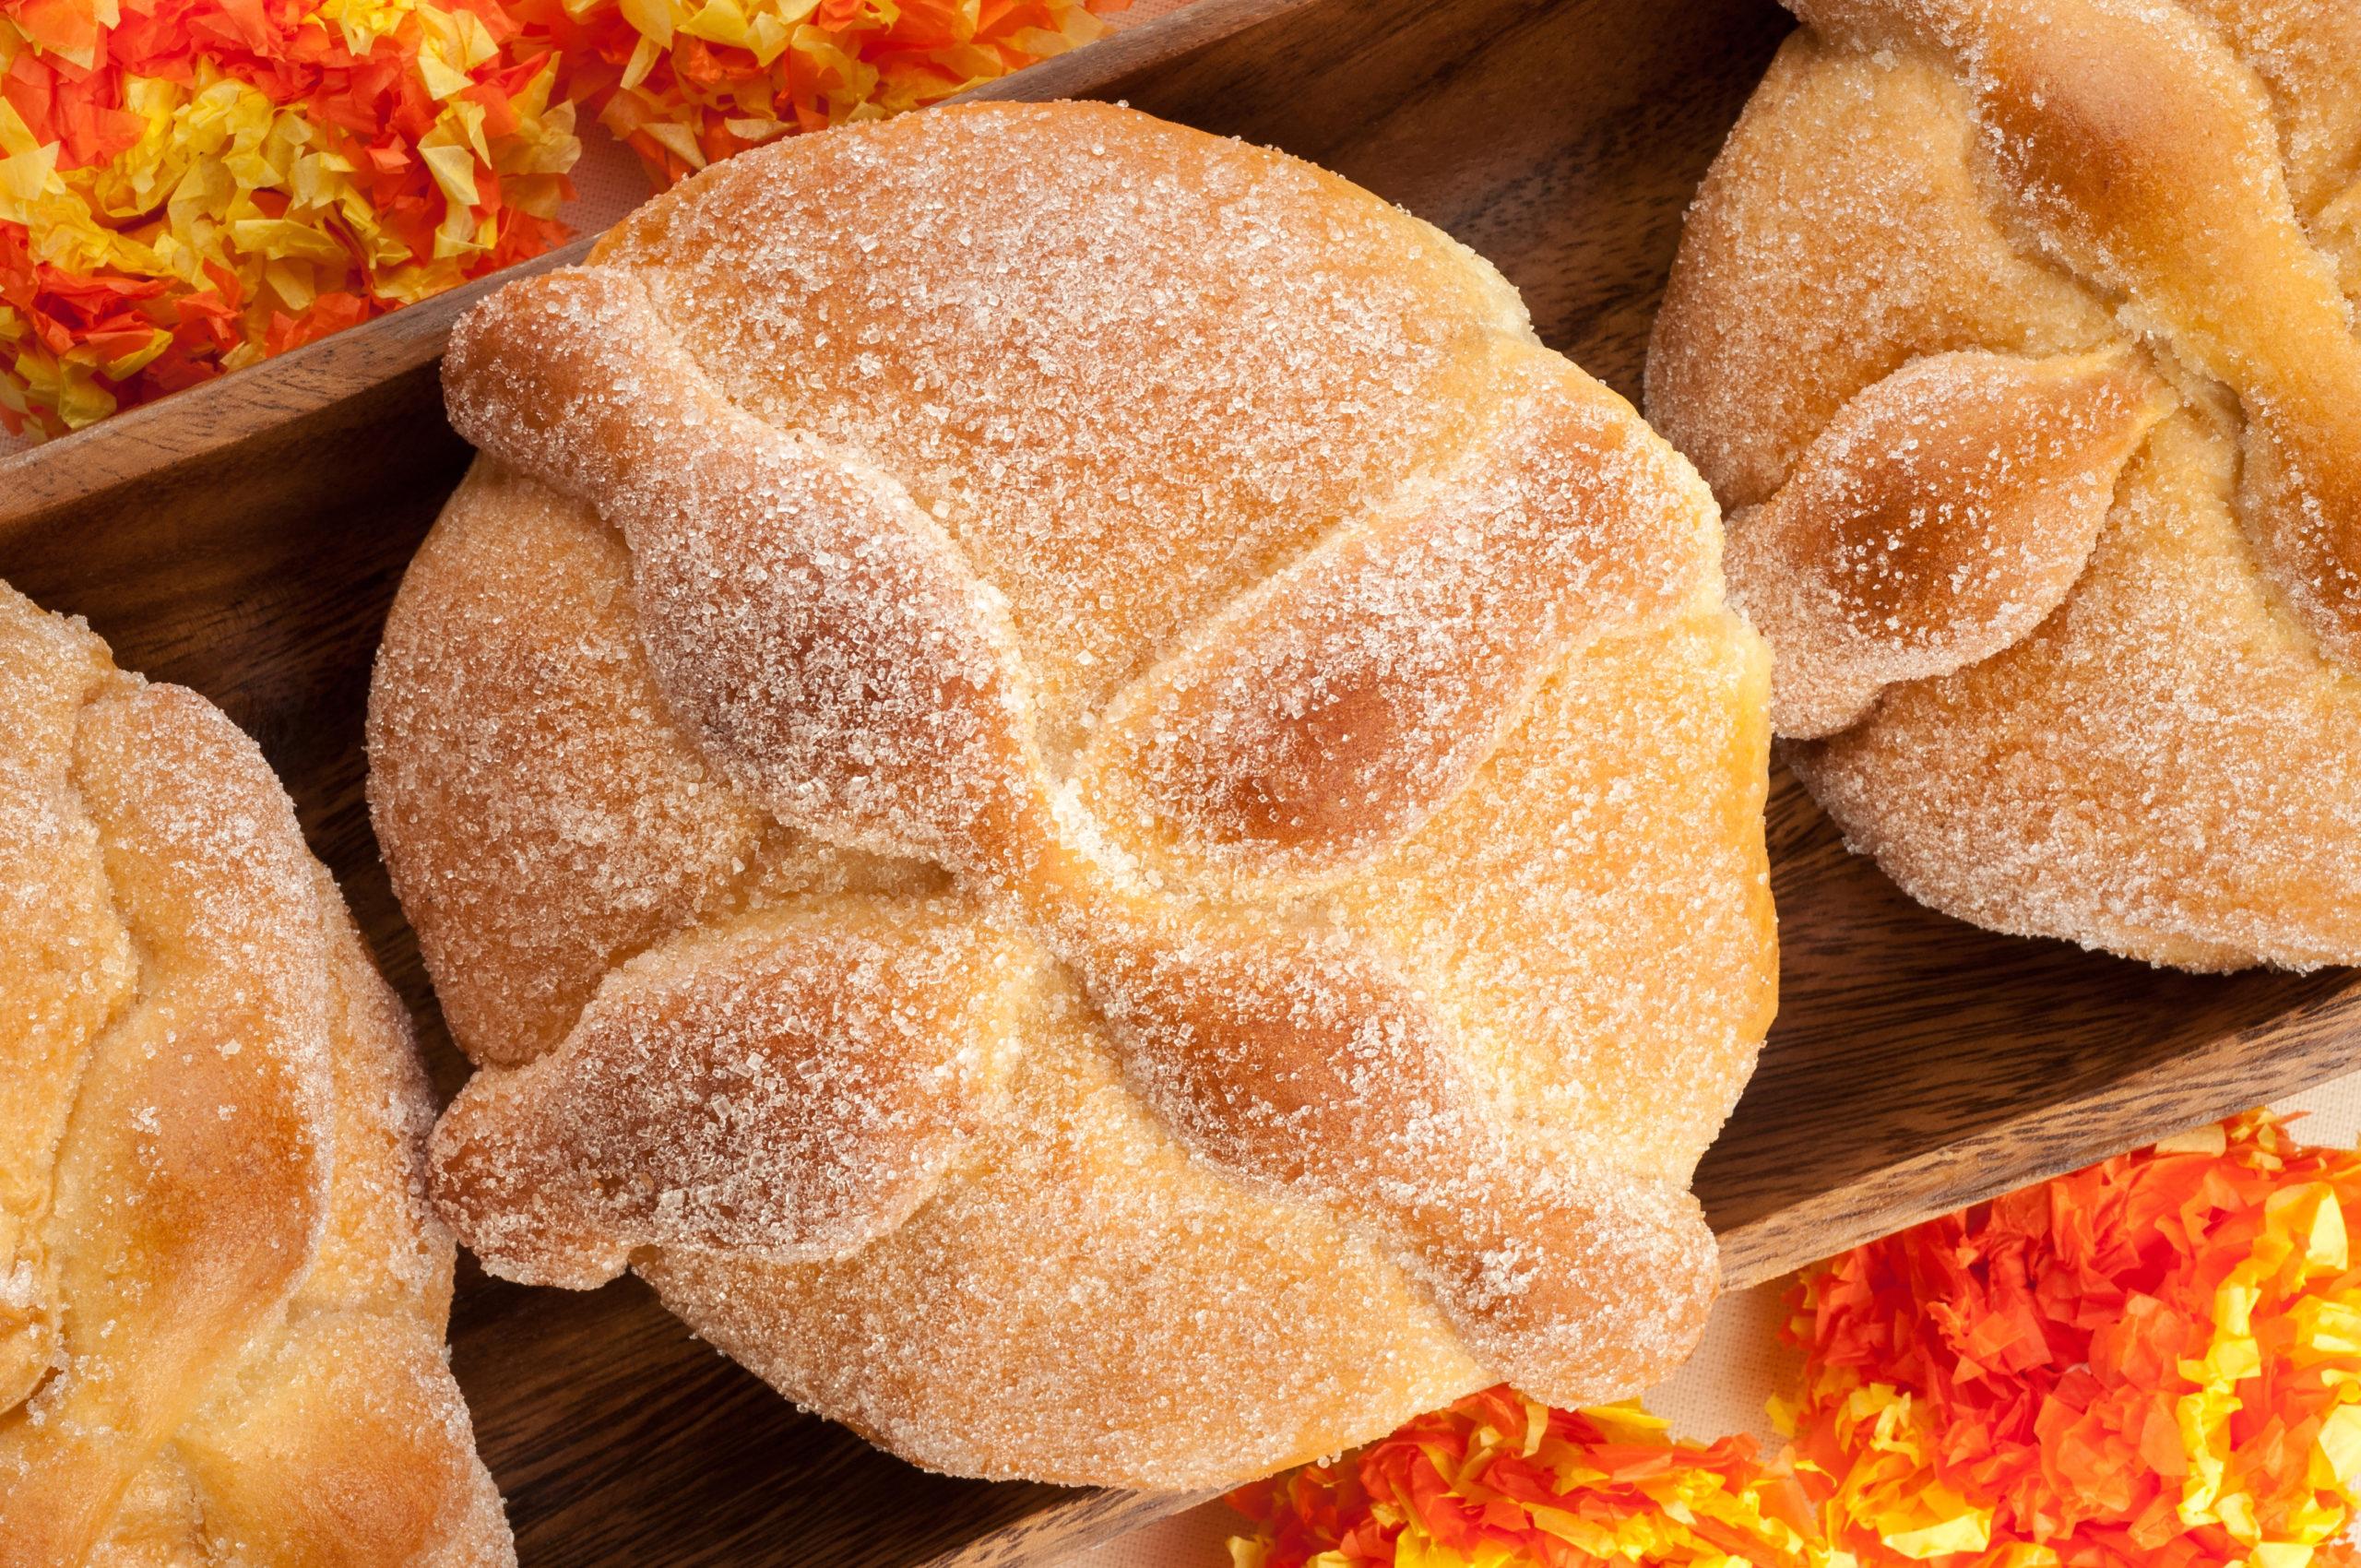 Aprende a hacer Pan de muerto vegano desde la comodidad de tu casa